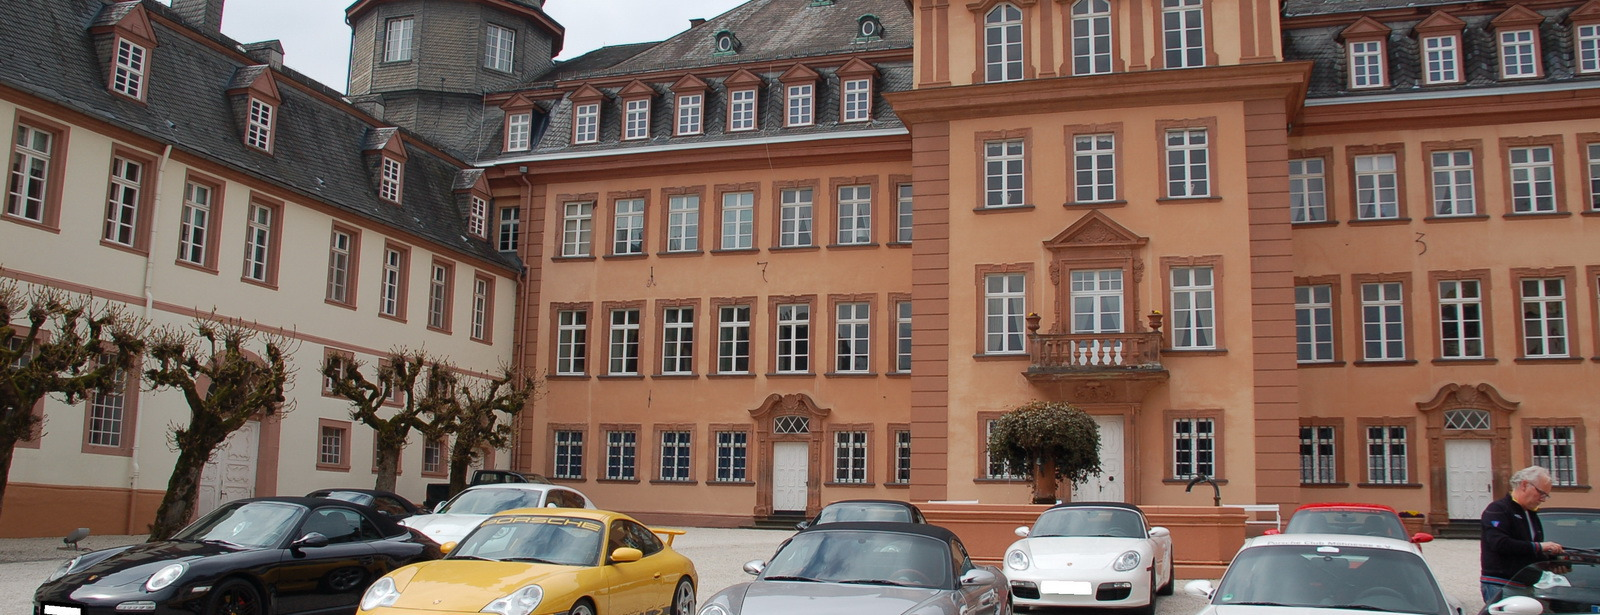 1 Mai Ziel: Schloss Berleburg in Bad Berleburg - Fahrspaßaktionen ...